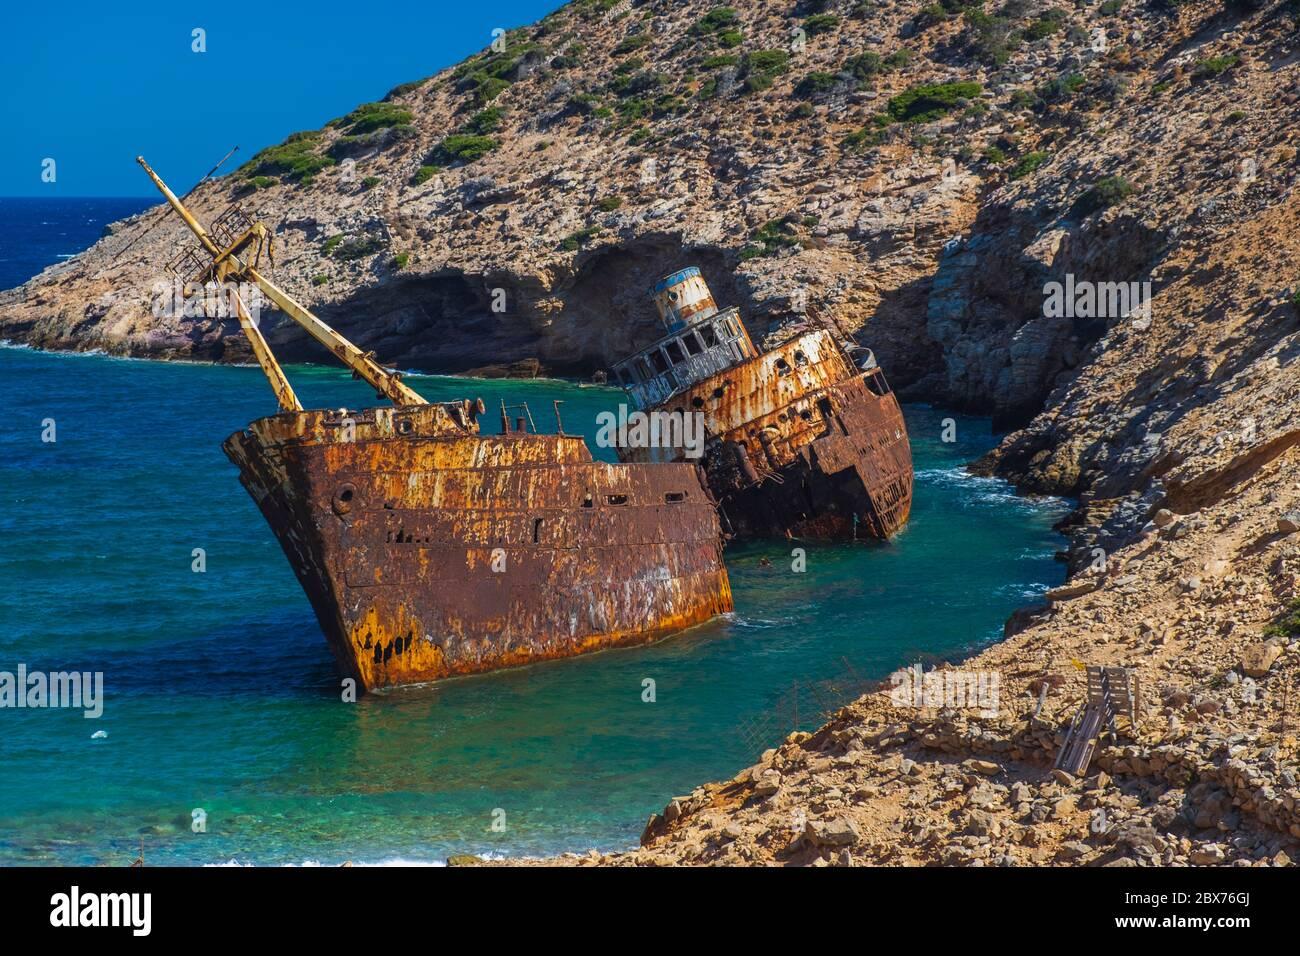 Schiffbruch von Olimpia. Amorgos, Insel. Griechenland Stockfoto